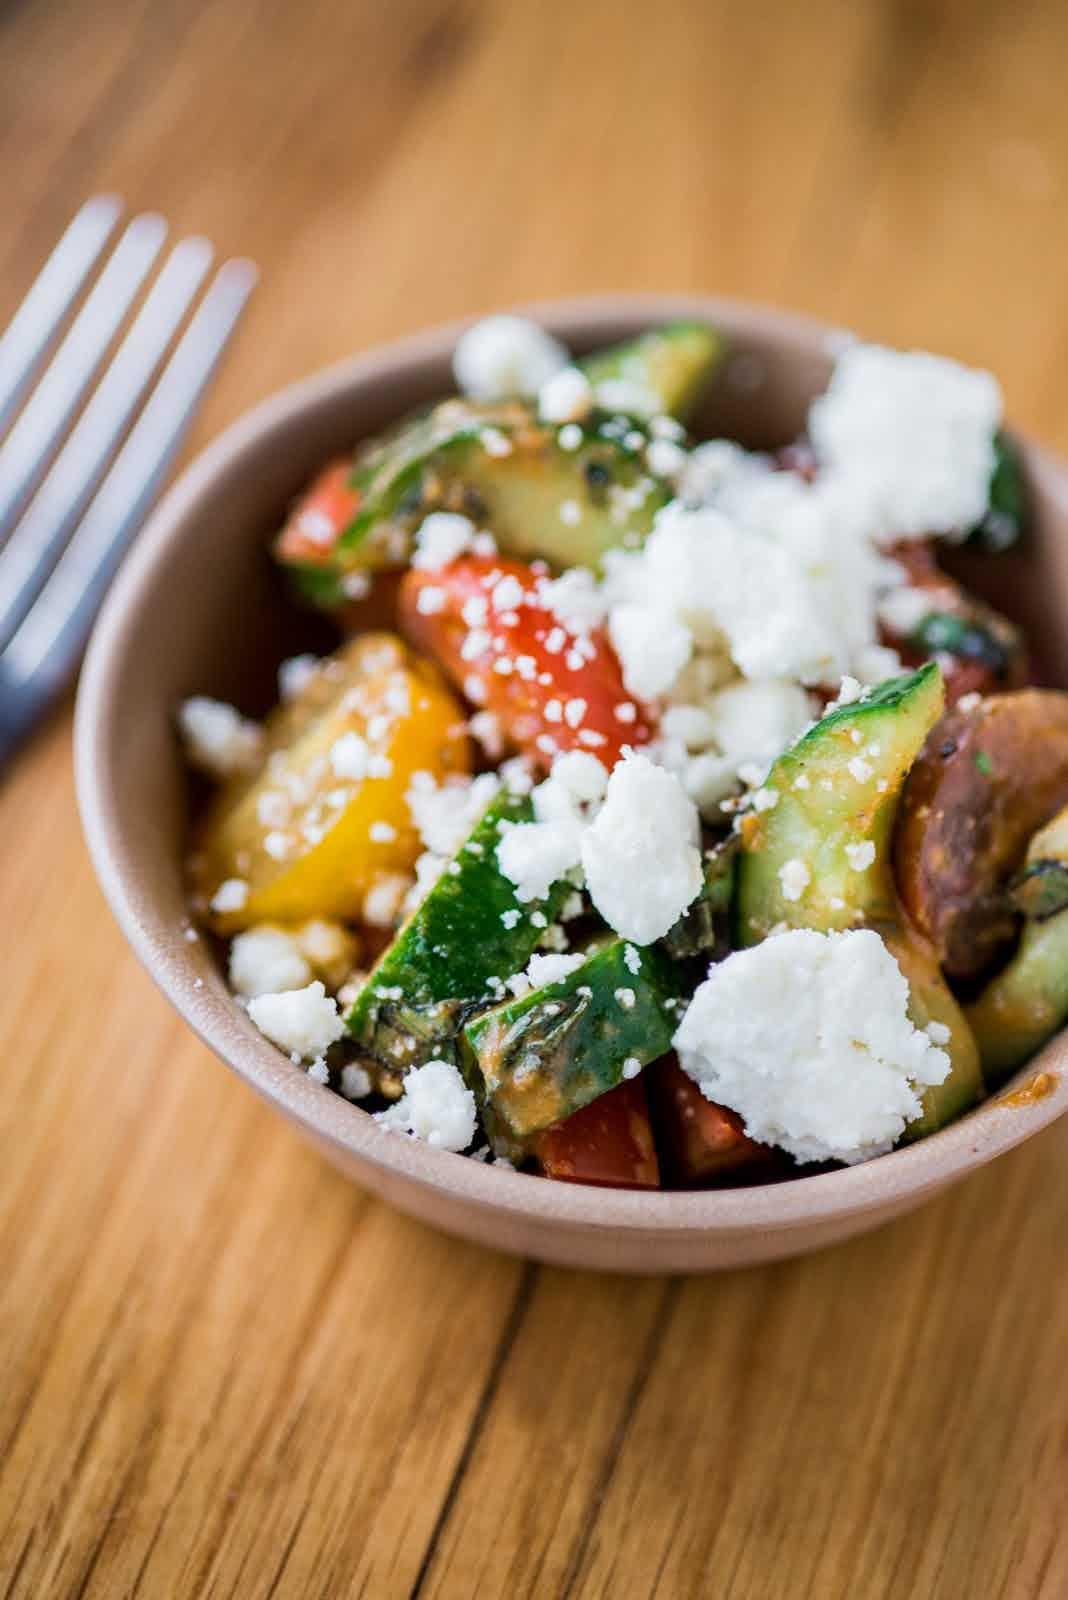 bartaco Chapel Hill - Chapel Hill | Restaurant Review - Zagat